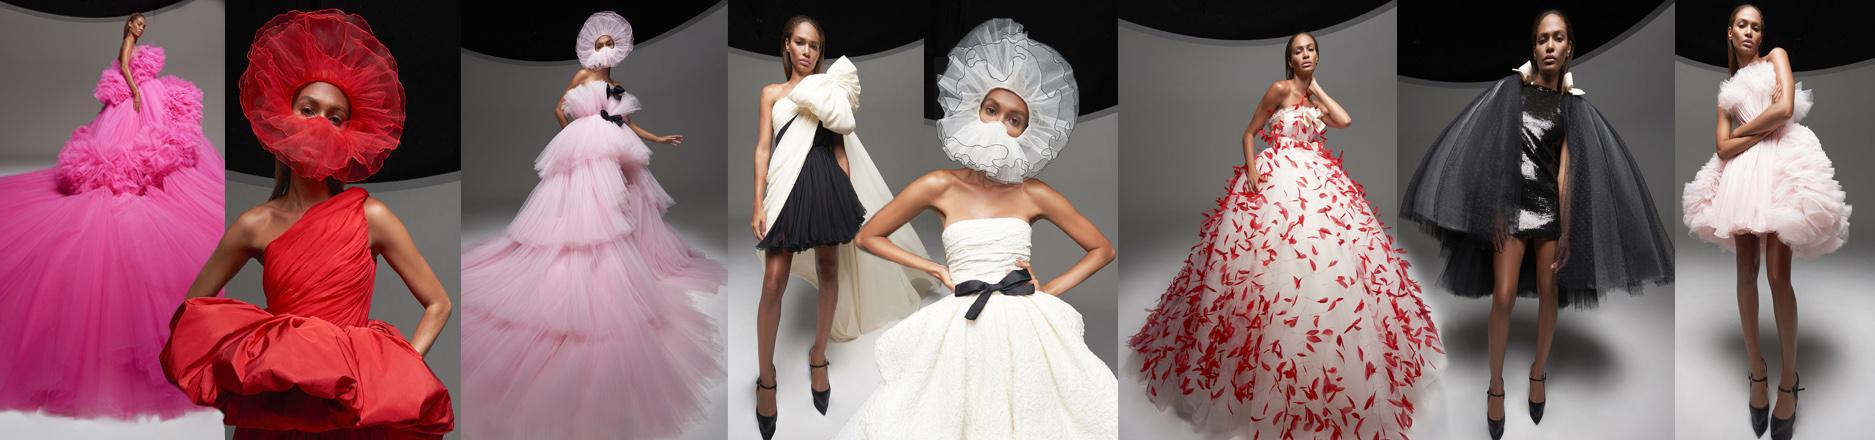 Virtual, artístico y fascinante: el show de alta costura de Giambattista Valli colección 2020/2021